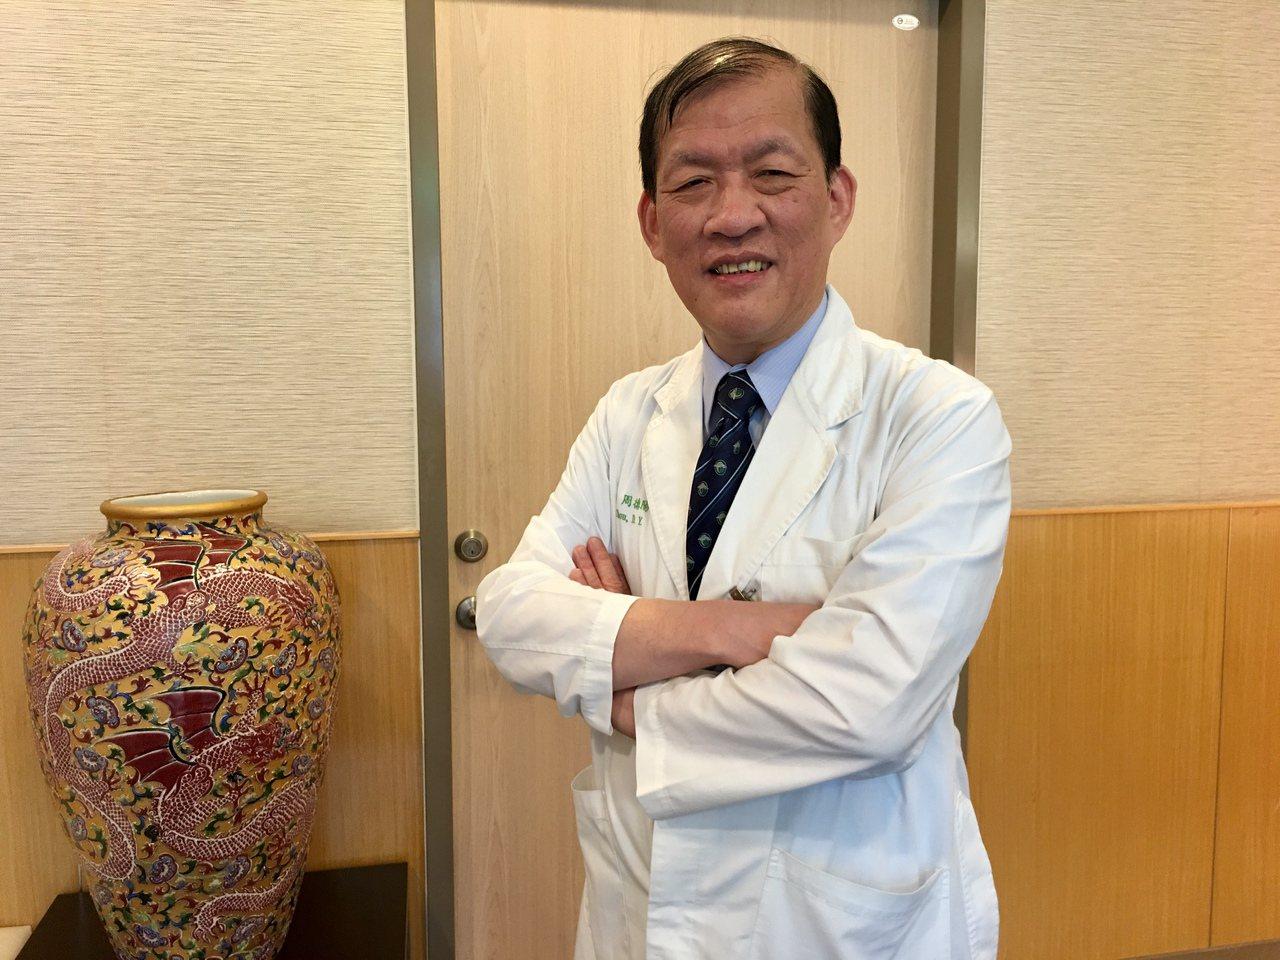 中國醫藥大學附設醫院院長周德陽指出,中國附醫發展細胞治療人體實驗逾10年,收案逾...